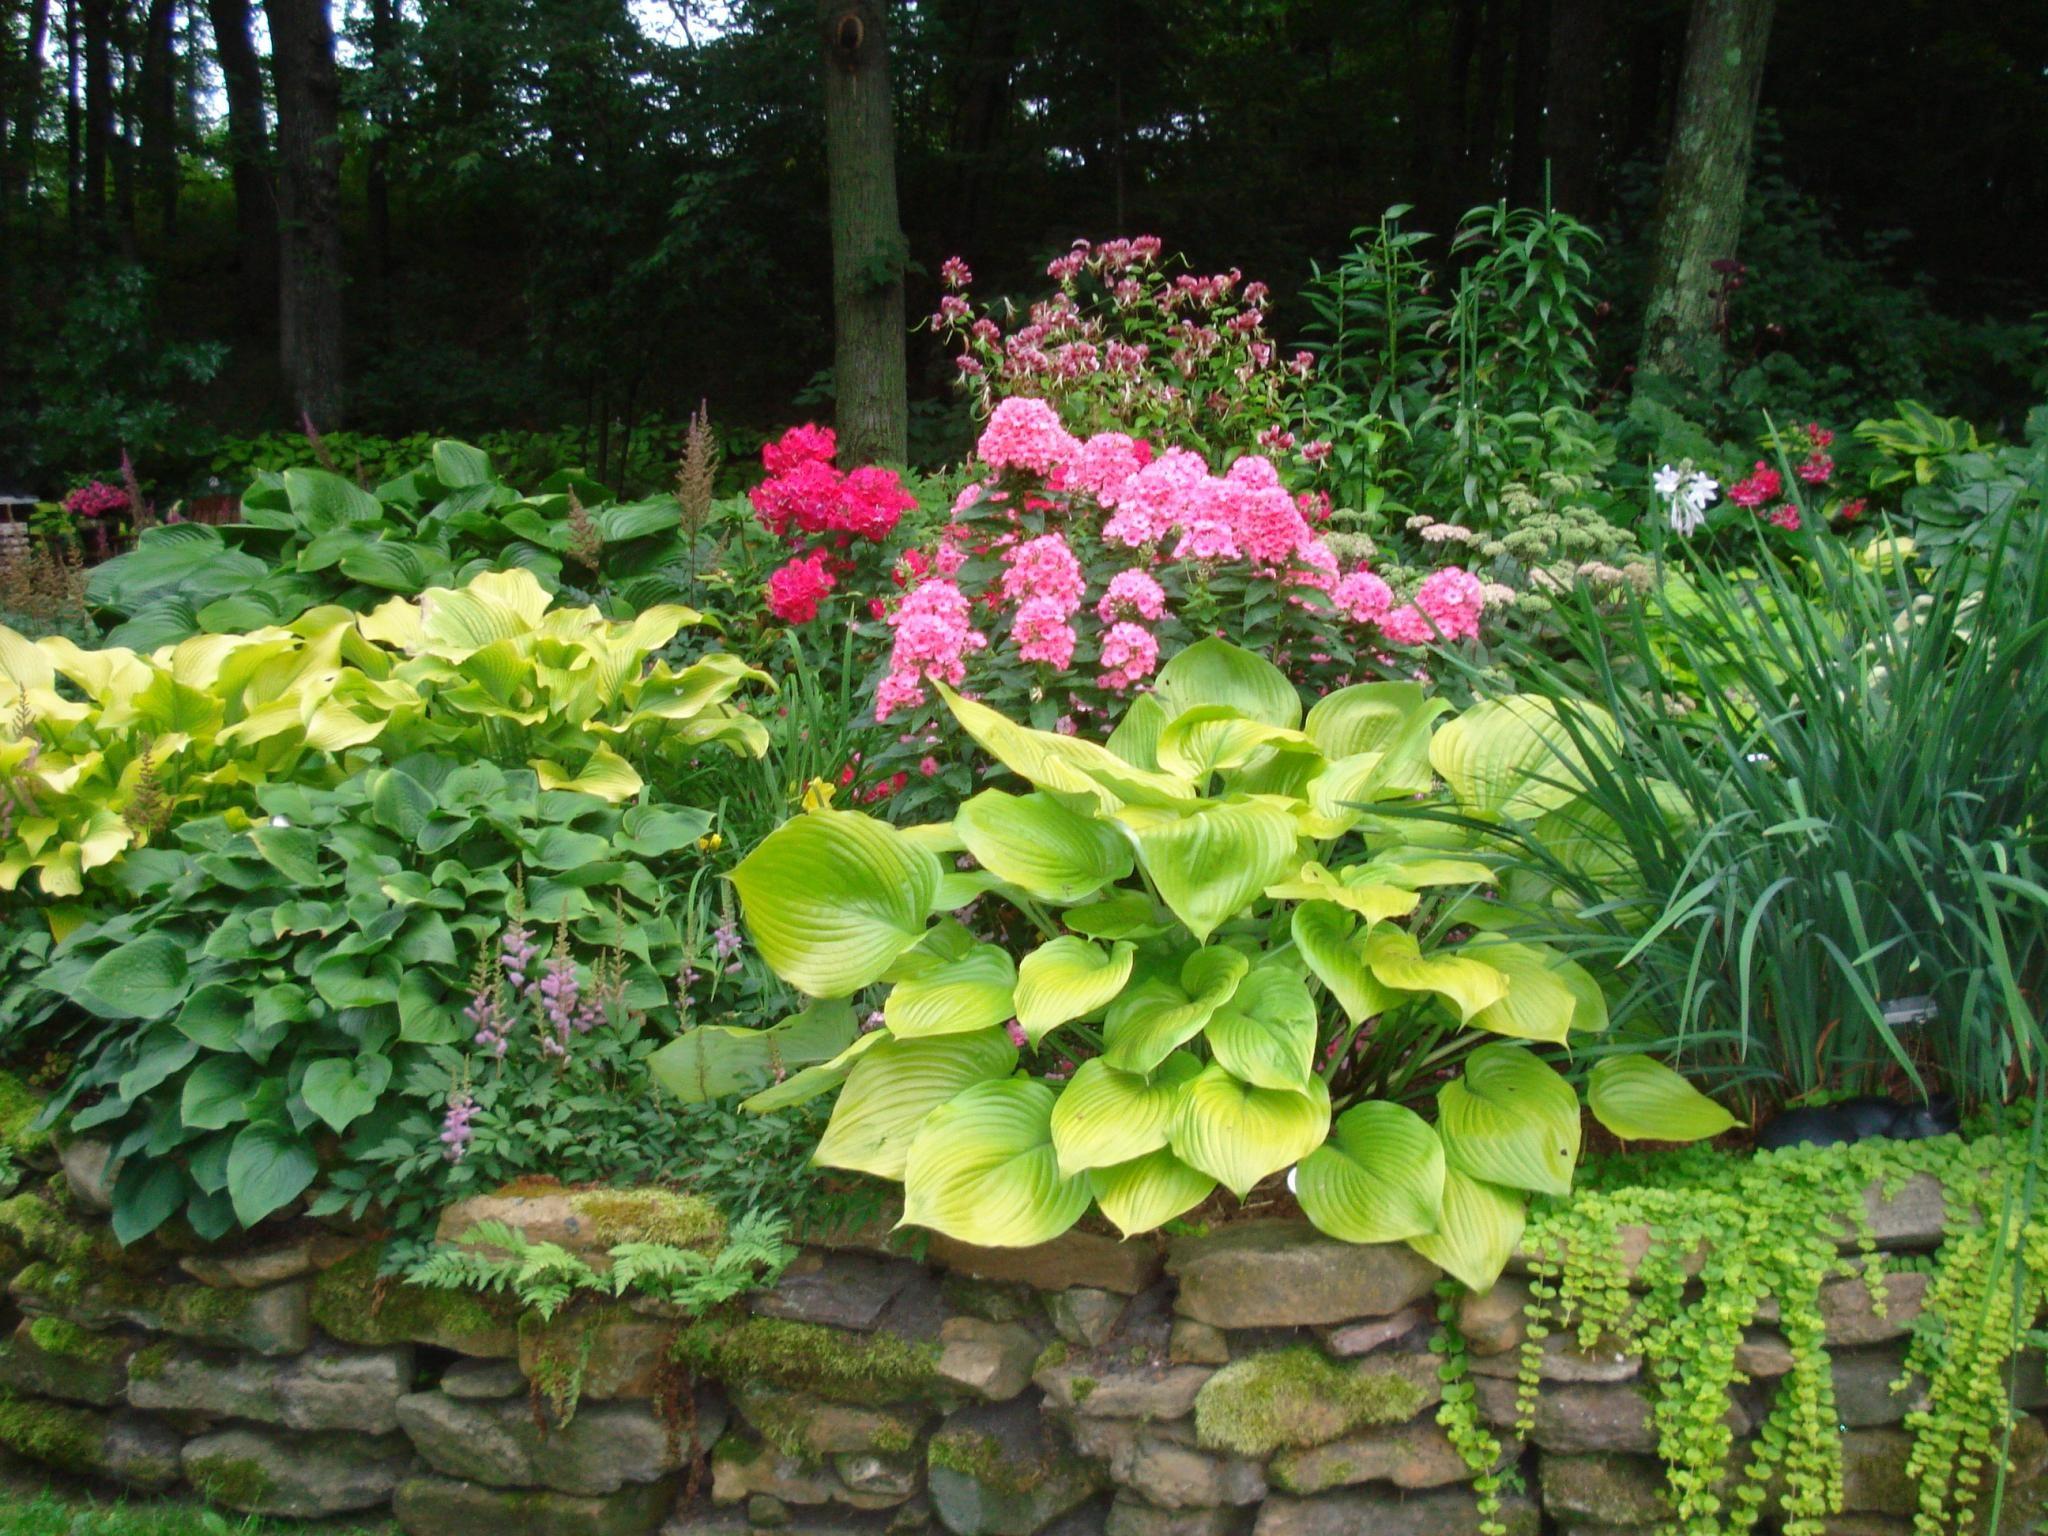 Superb Revisiting Lynnu0027s Garden In Wisconsin | Fine Gardening